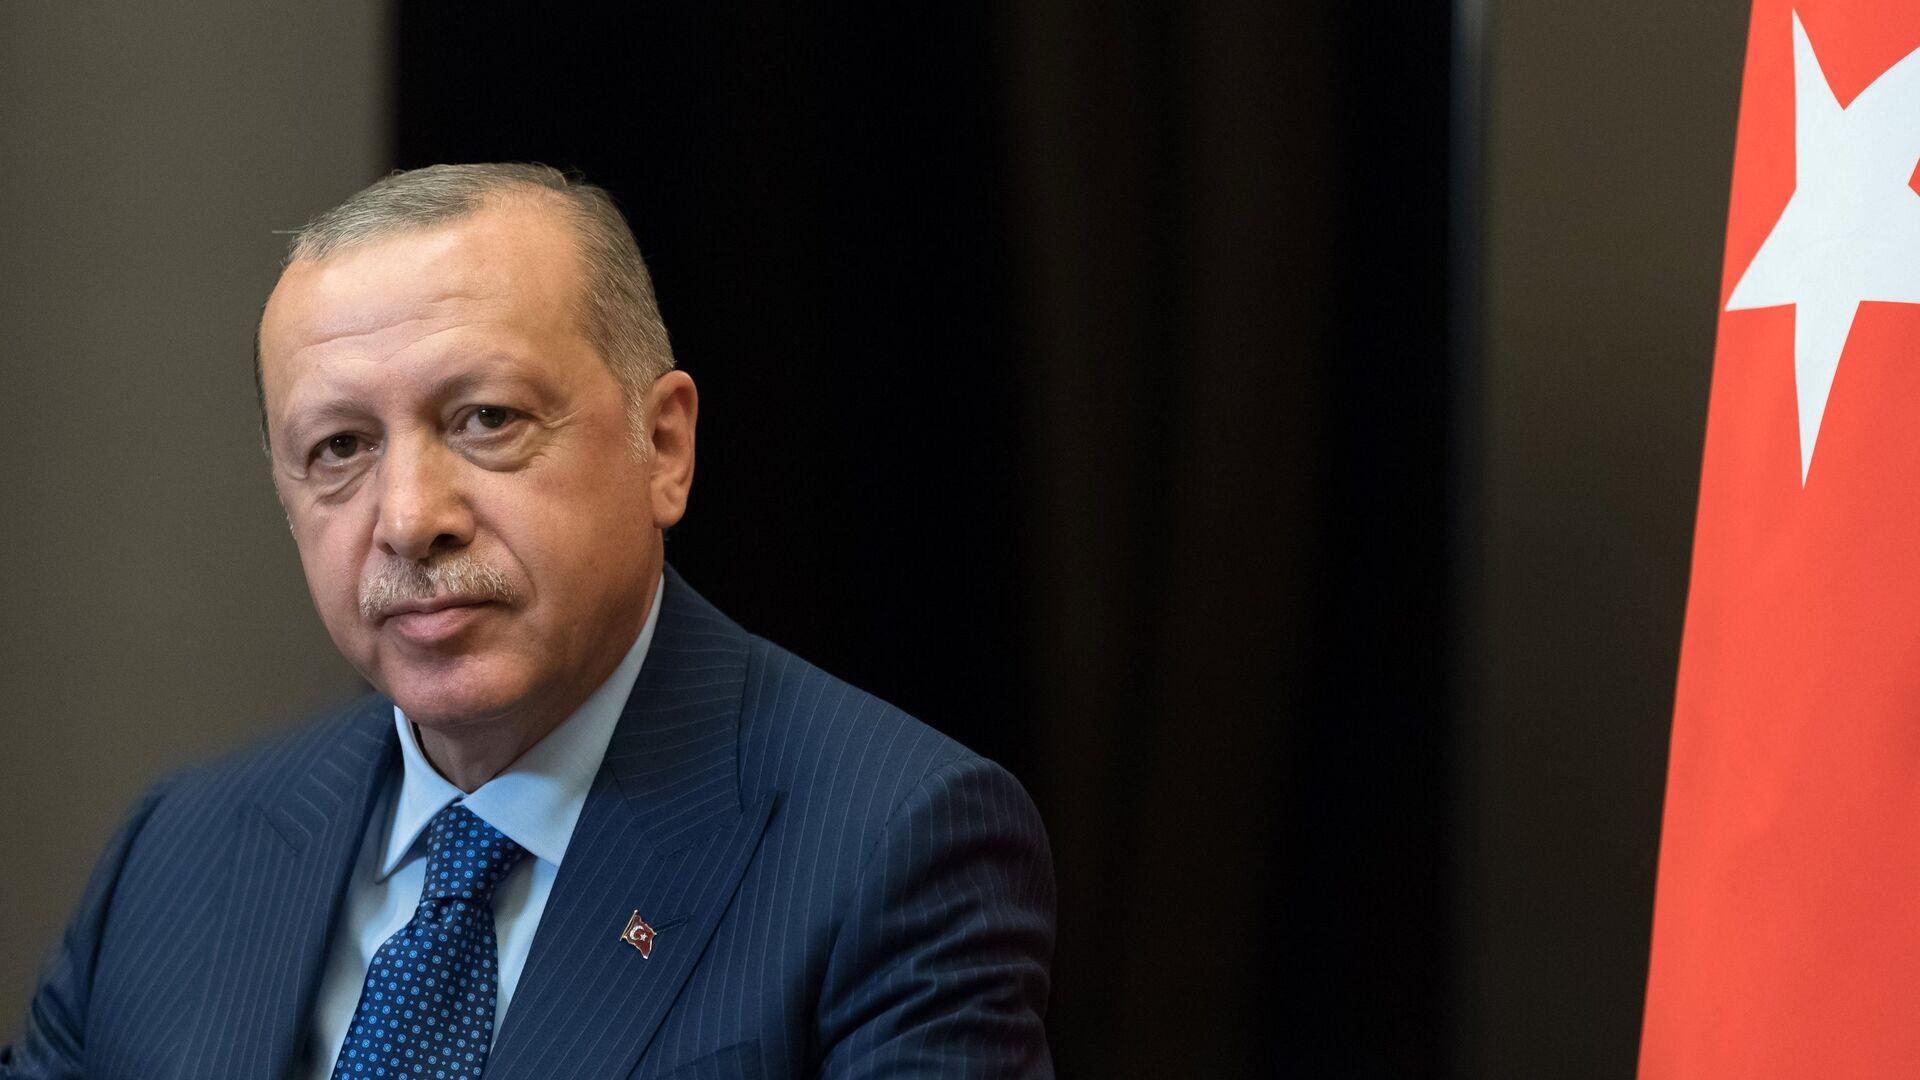 Президент Турции Реджеп Тайип Эрдоган во время встречи с президентом РФ Владимиром Путиным в Сочи. 17 сентября 2018 - РИА Новости, 1920, 18.06.2021